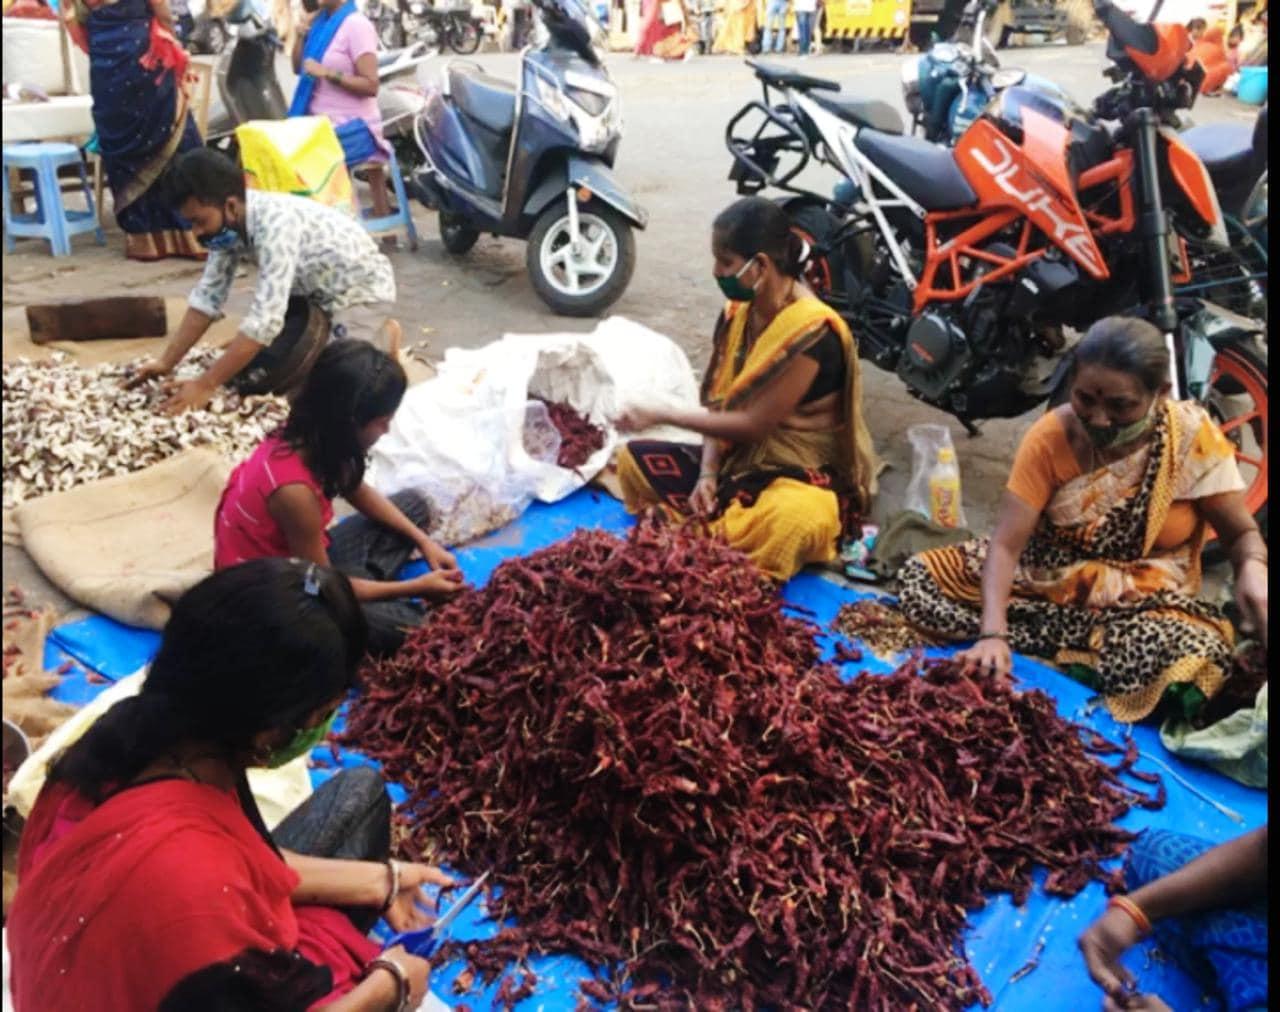 उन्हाळ्यात गावोगावी वाळवणाचं हे चित्र काही नवं नाही. मात्र मुंबईतील लालबागमध्ये सुद्धा अशी ही मसाल्यांची दुनिया भरते हे थोडं कौतुकास्पद आहे.